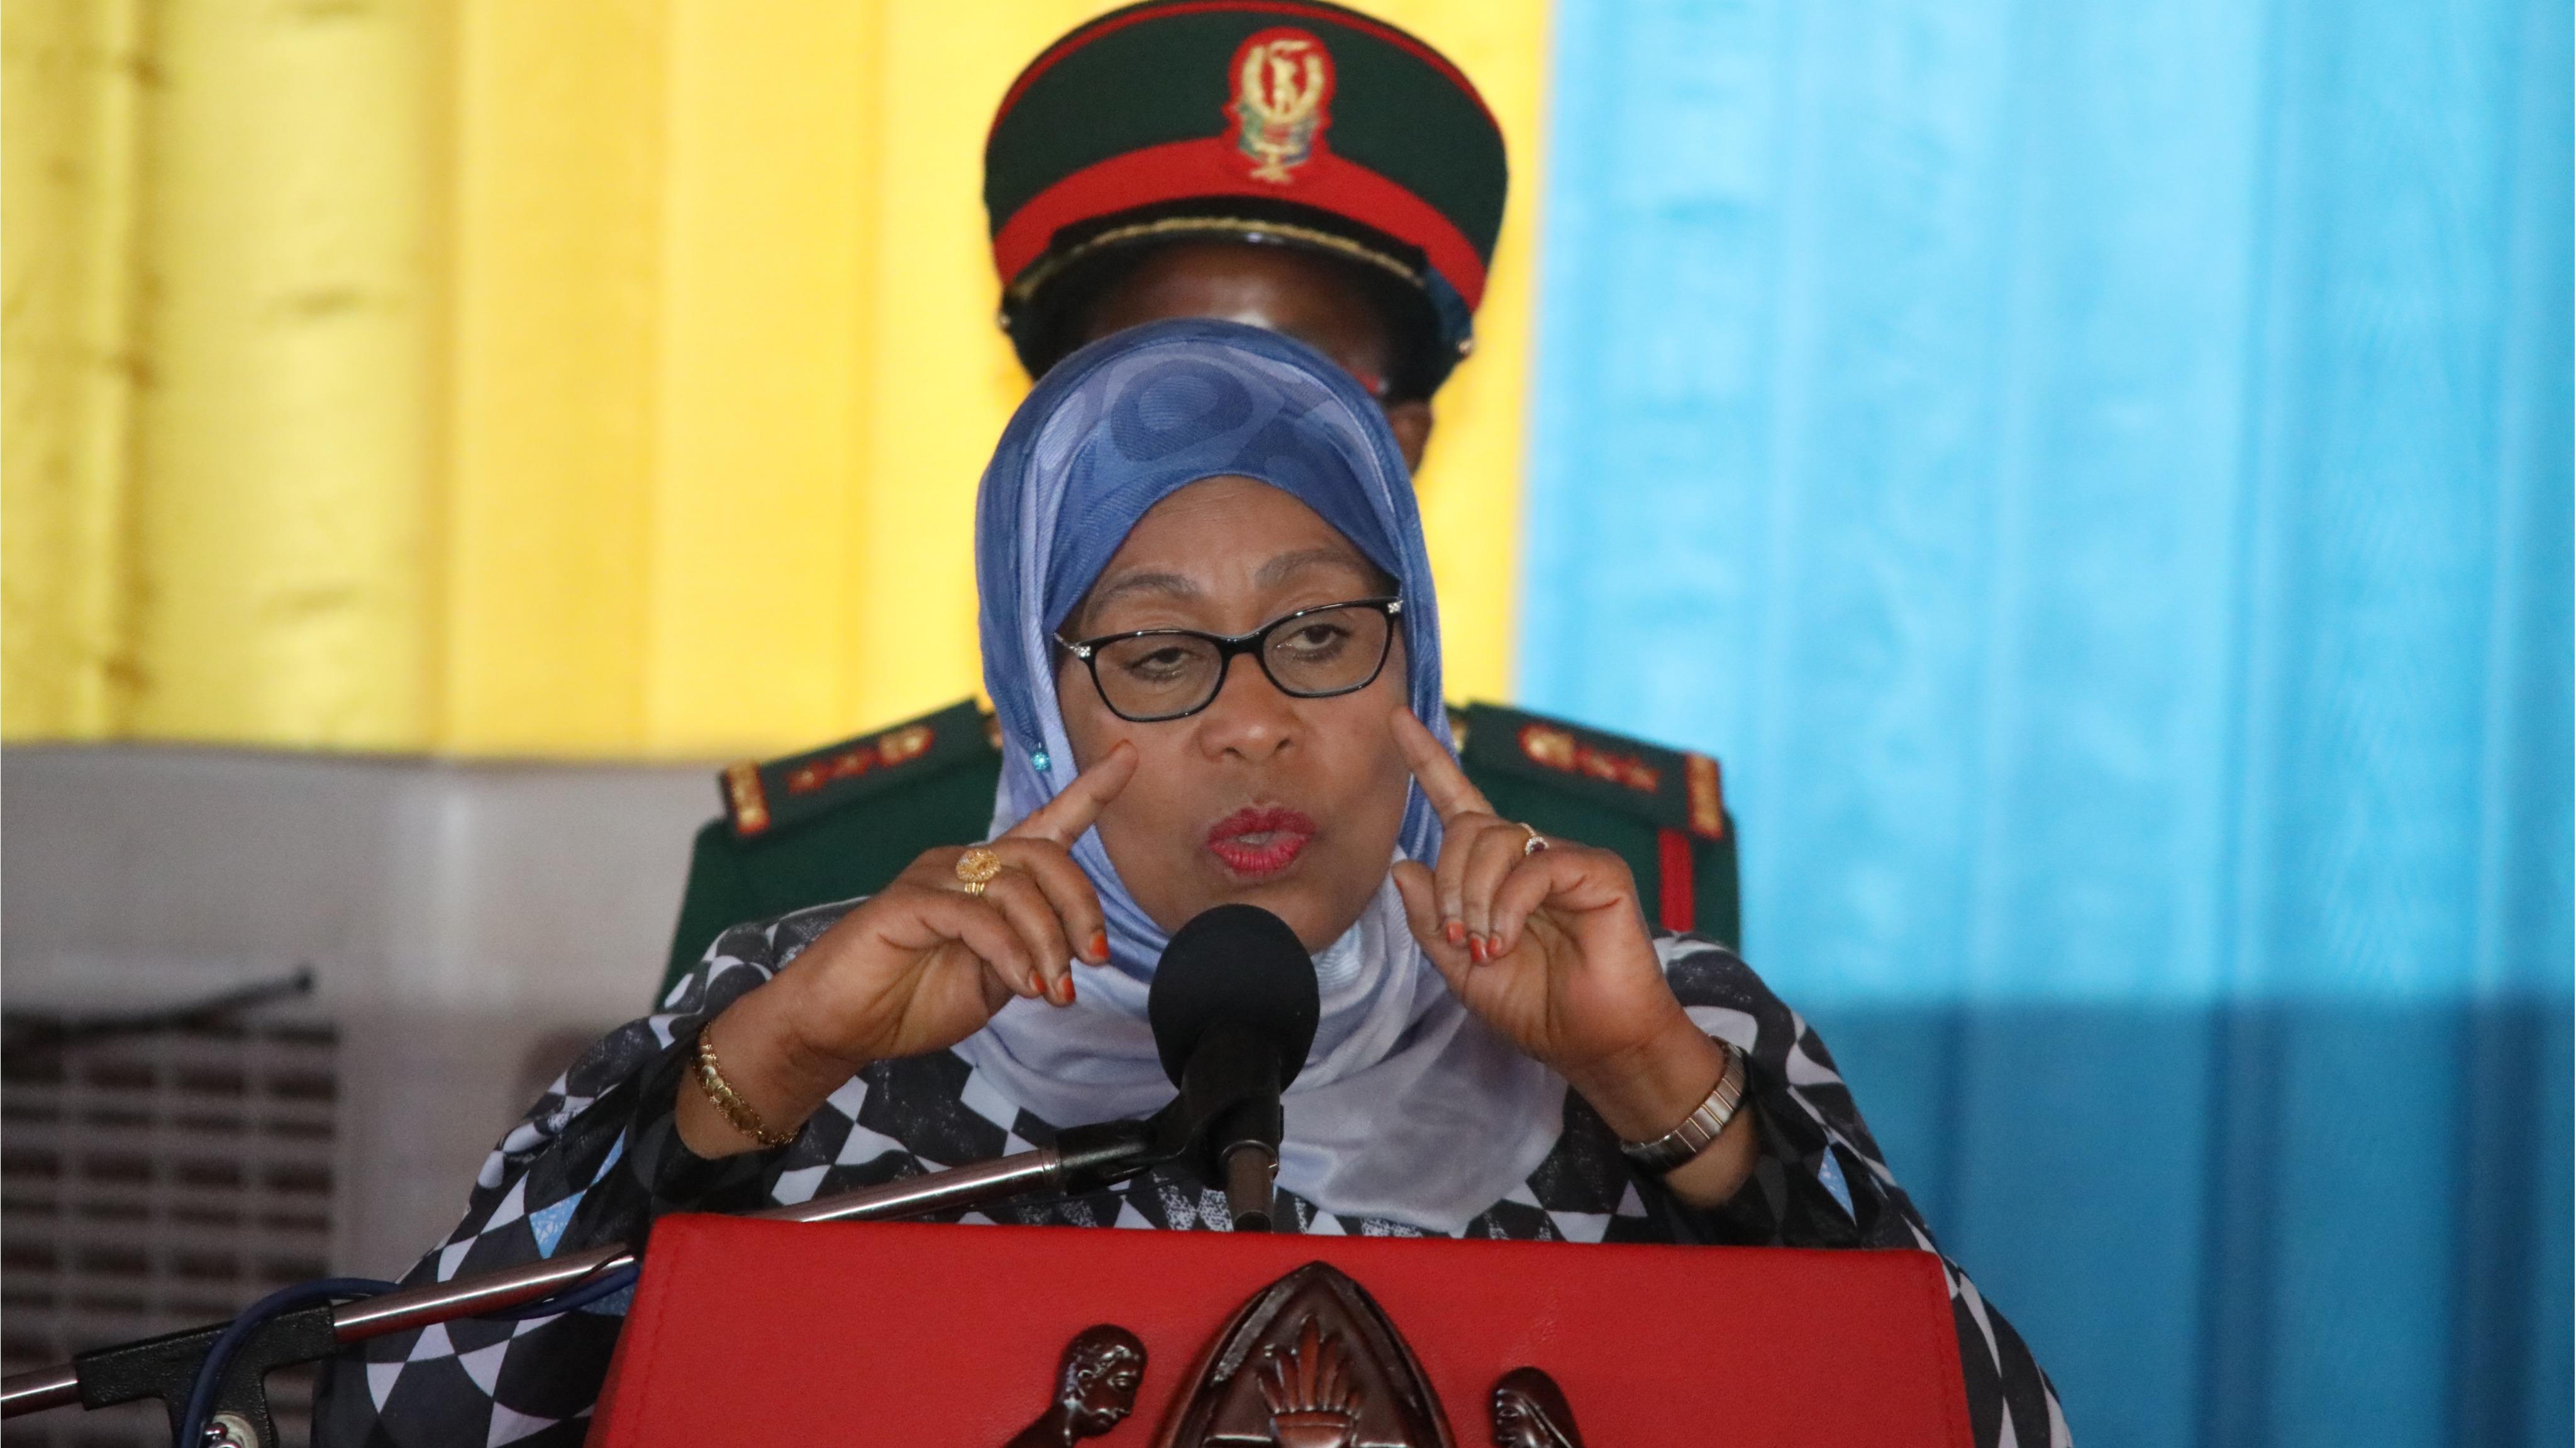 Rais wa Jamhuri ya Muungano wa Tanzania Mheshimiwa Samia Suluhu Hassan akiongea  na Mawaziri na Manaibu Waziri  alio waapisha leo tarehe 1 Aprili 2021 ikulu ya Chamwino  Dodoma.